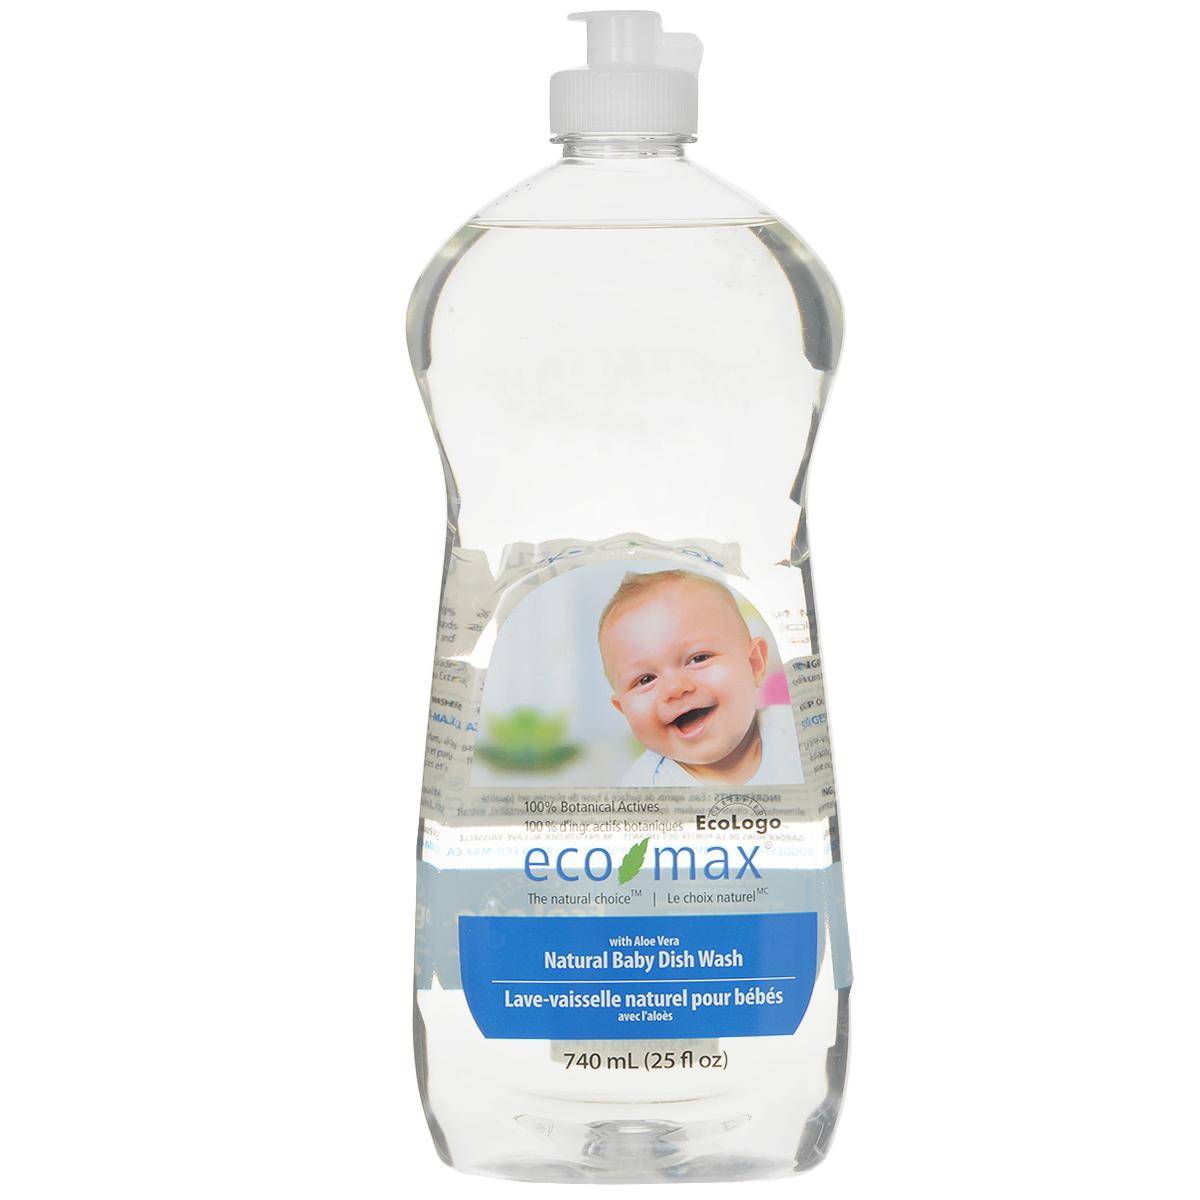 Средство для мытья детской посуды Eco Max, 740 мл112401Средство для мытья детской посуды Eco Max - натуральное средство на 100% растительной основе, полностью биоразлагаемое. В этом средстве используются активные чистящие вещества ингредиентов, полученных из биоразлагаемых и возобновляемых растительных источников. Содержит алоэ вера, обладающее увлажняющими и заживляющими свойствами. Не имеет запаха и идеально подходит для ежедневного мытья посуды, особенно людям, чувствительным к различным запахам.Состав: вода, ПАВ растительного происхождения, растительный экстракт алоэ вера, пищевой сорбат калия в качестве консерванта, пищевая лимонная кислота (из плодов лимона). Товар сертифицирован.